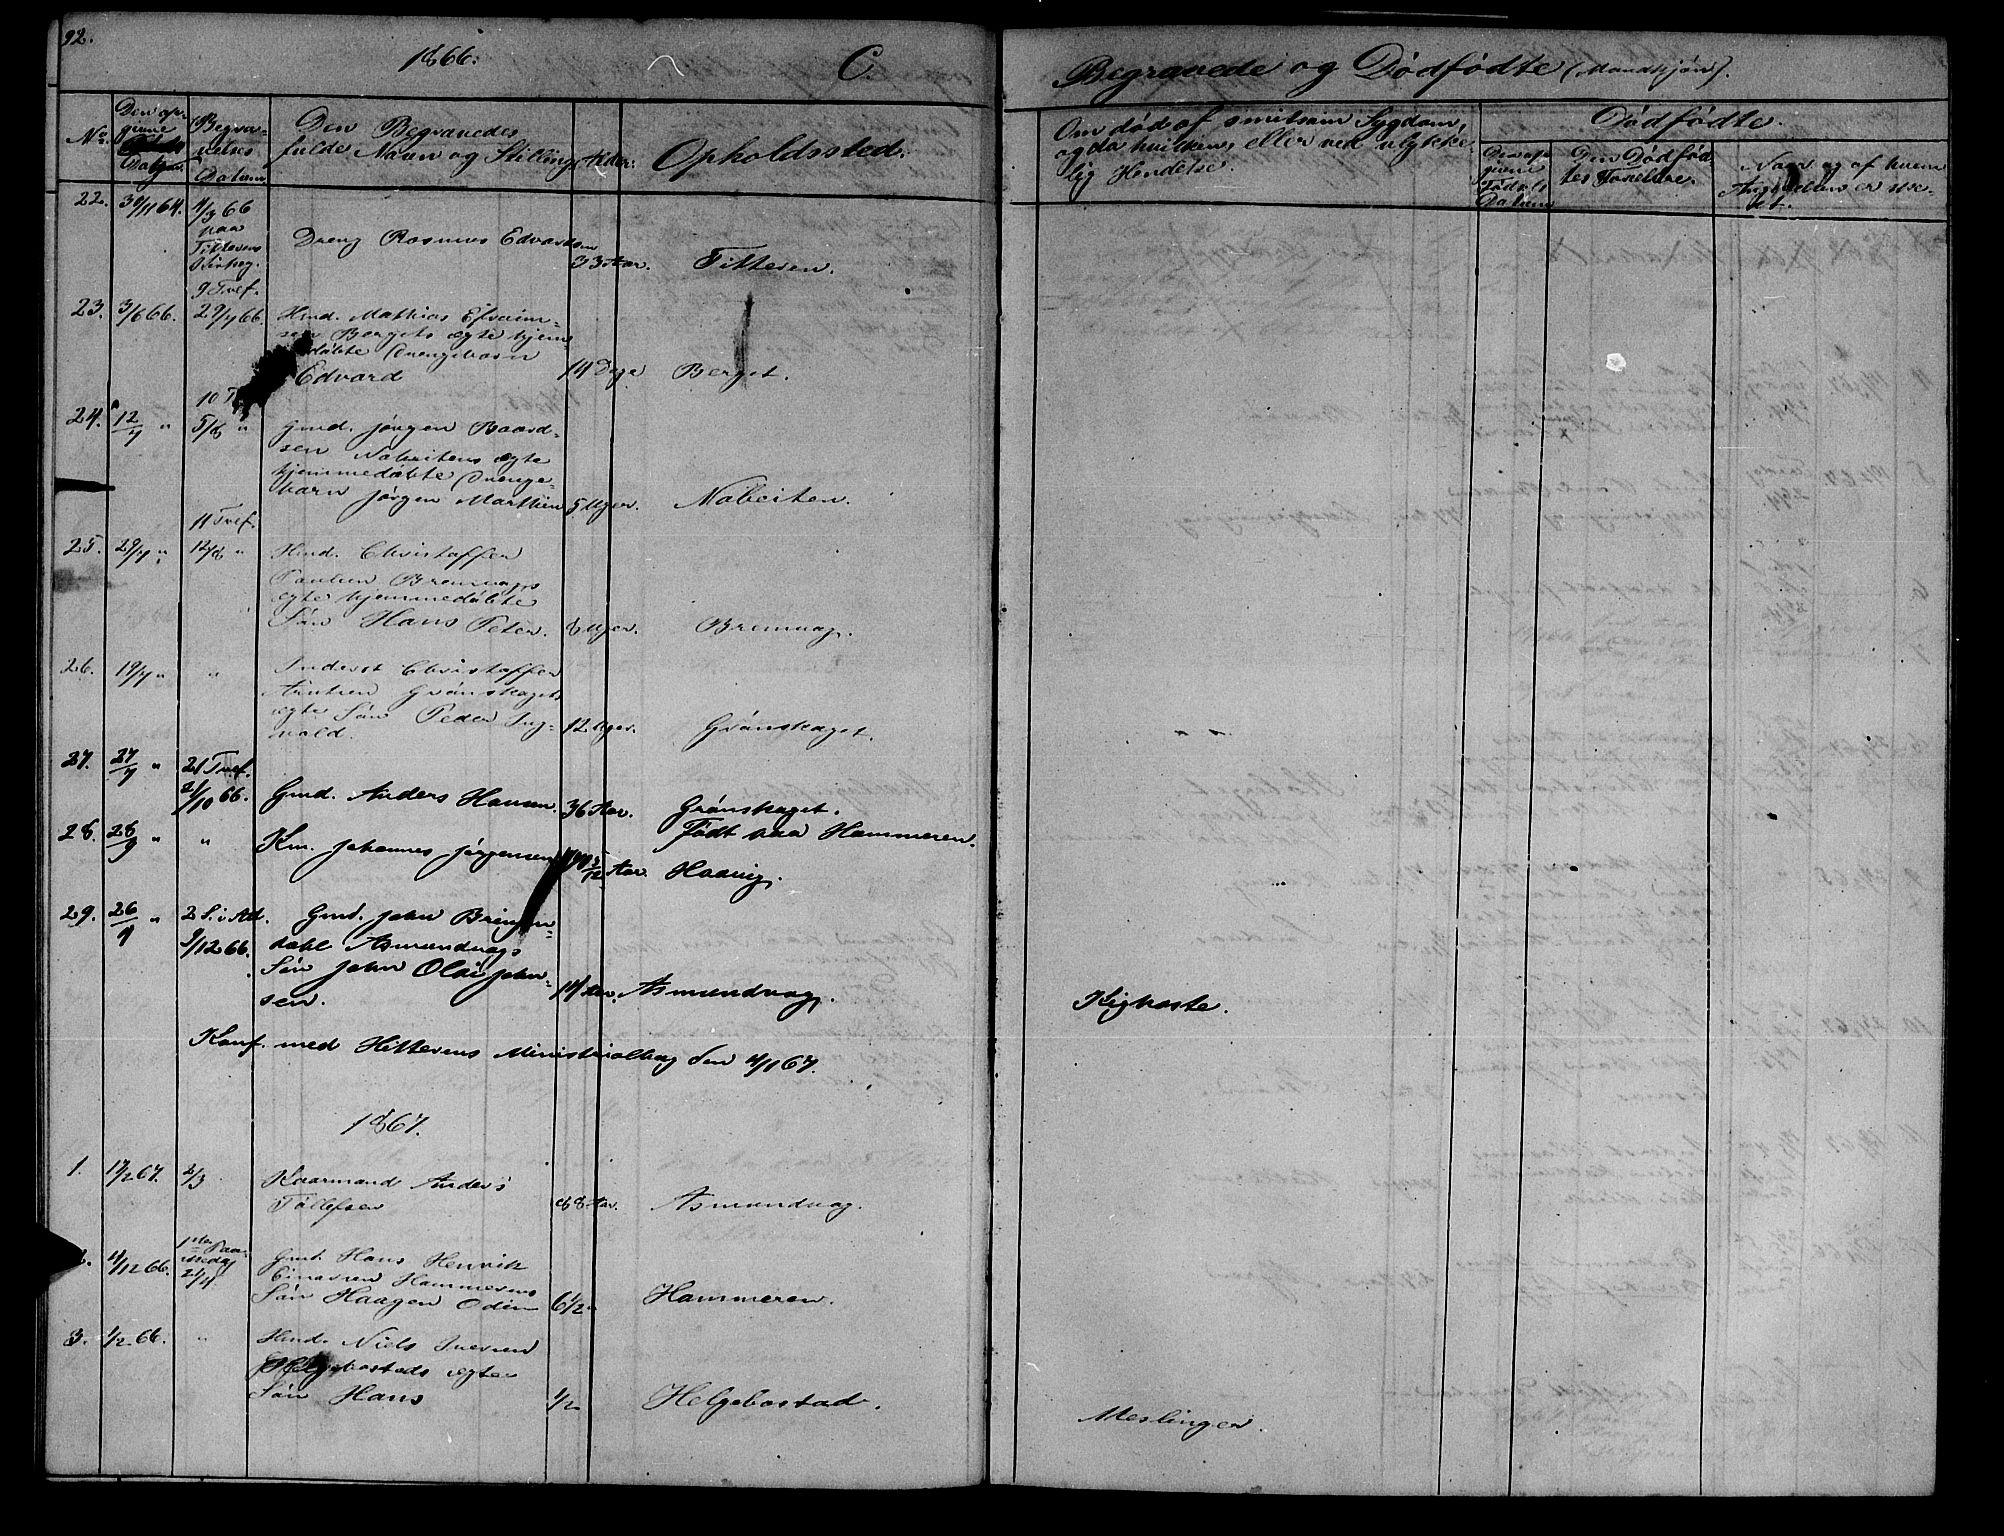 SAT, Ministerialprotokoller, klokkerbøker og fødselsregistre - Sør-Trøndelag, 634/L0539: Klokkerbok nr. 634C01, 1866-1873, s. 92